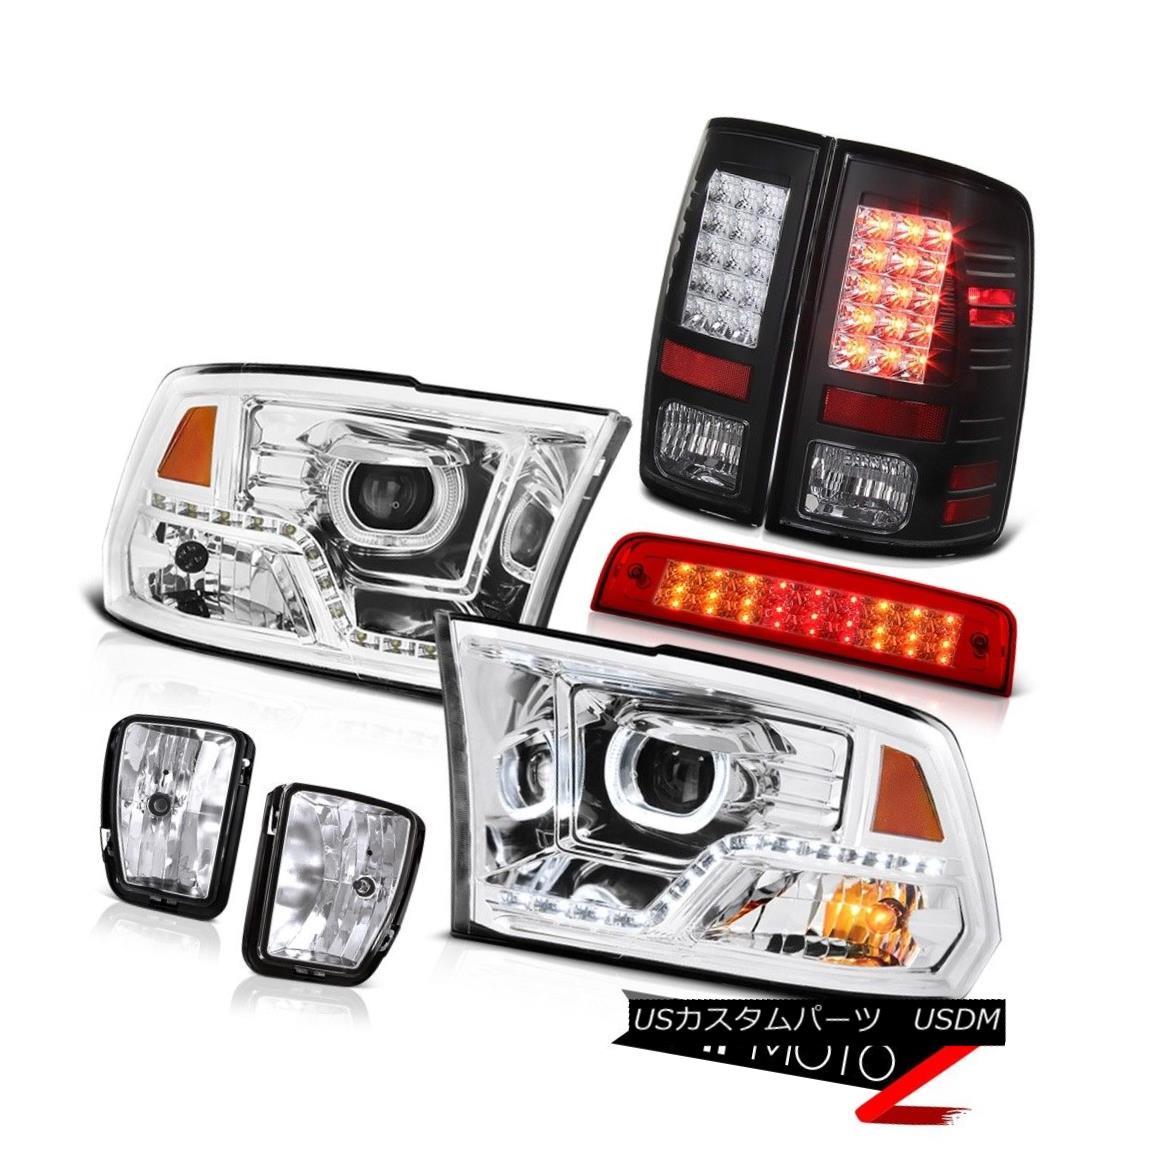 テールライト 13-18 RAM 1500 DRL Head Lamps Third Brake Lights Fog Led Tail Light Replacement 13-18 RAM 1500 DRLヘッドランプ第3ブレーキライトフォグLedテールライト交換